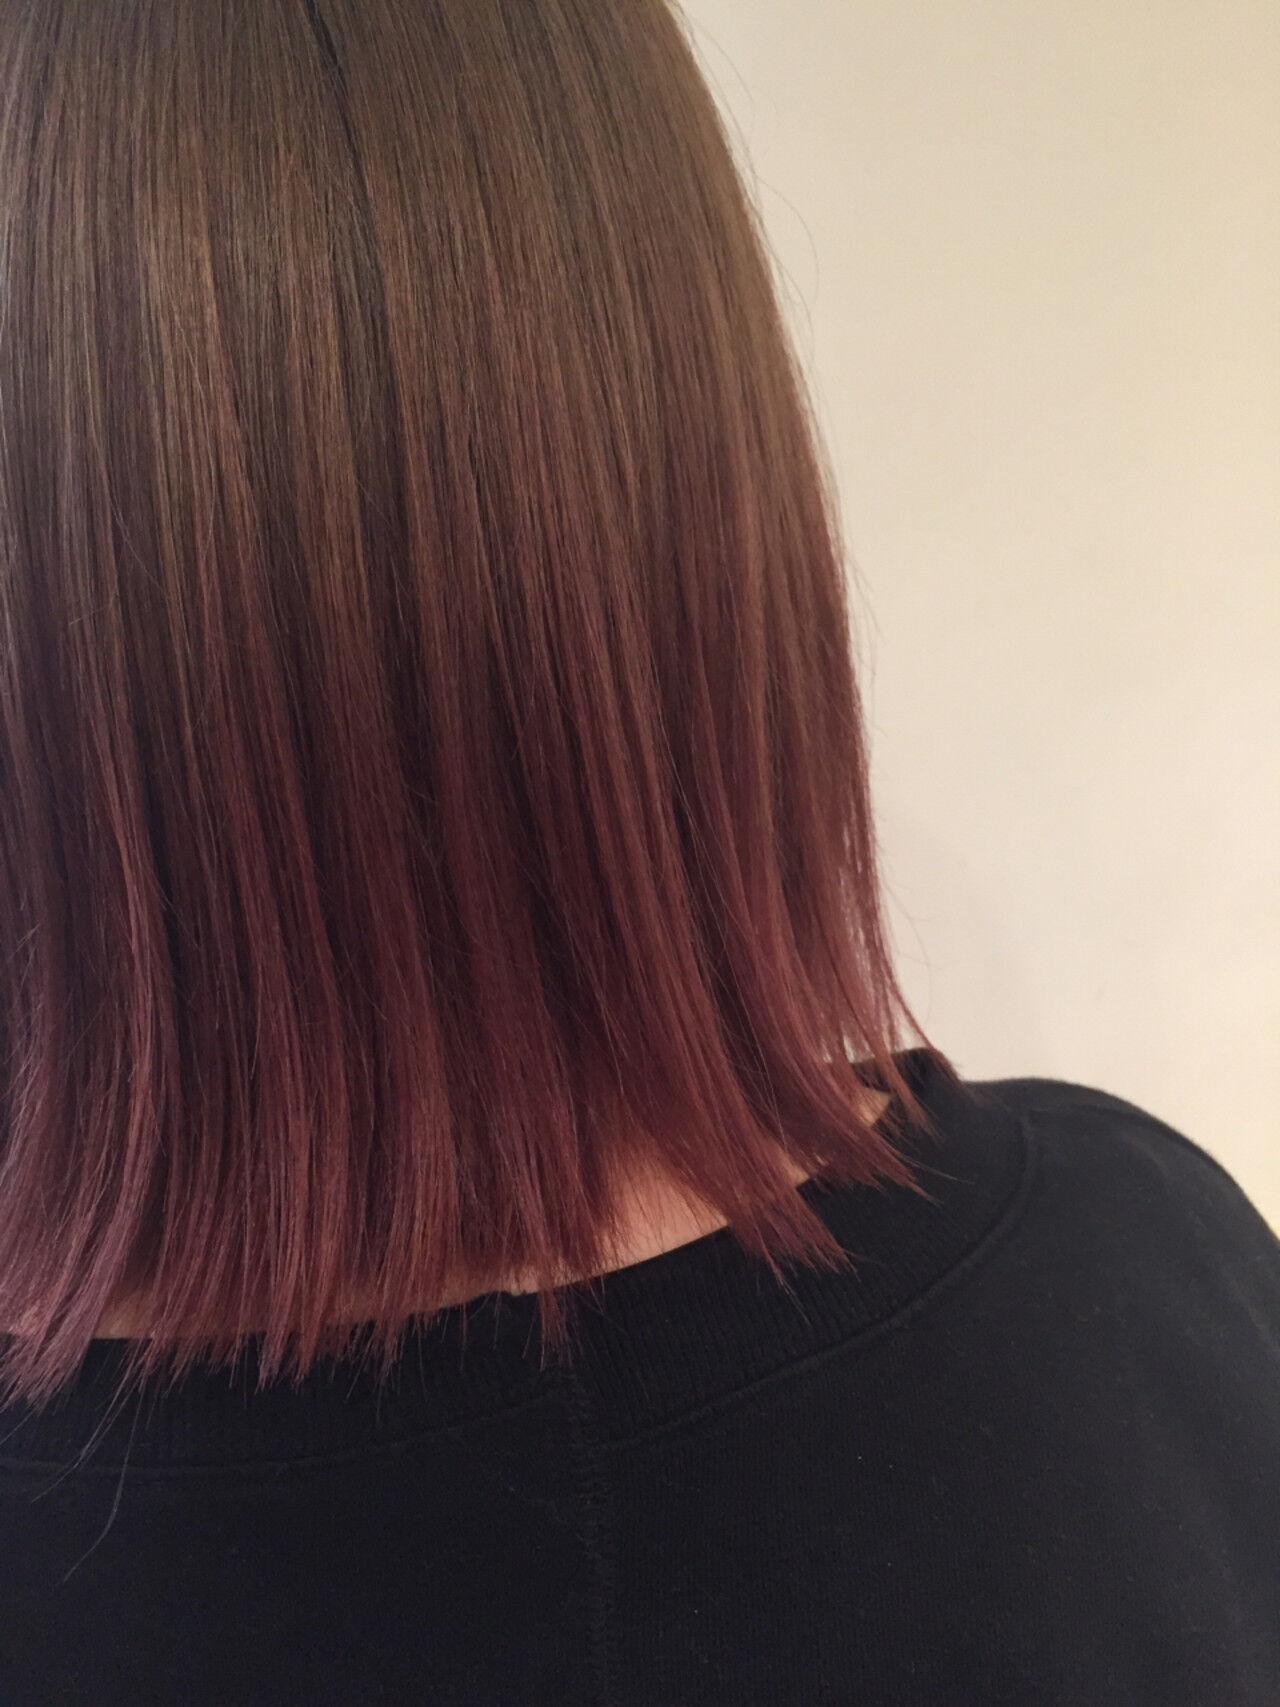 ピンク ガーリー 切りっぱなし ボブヘアスタイルや髪型の写真・画像